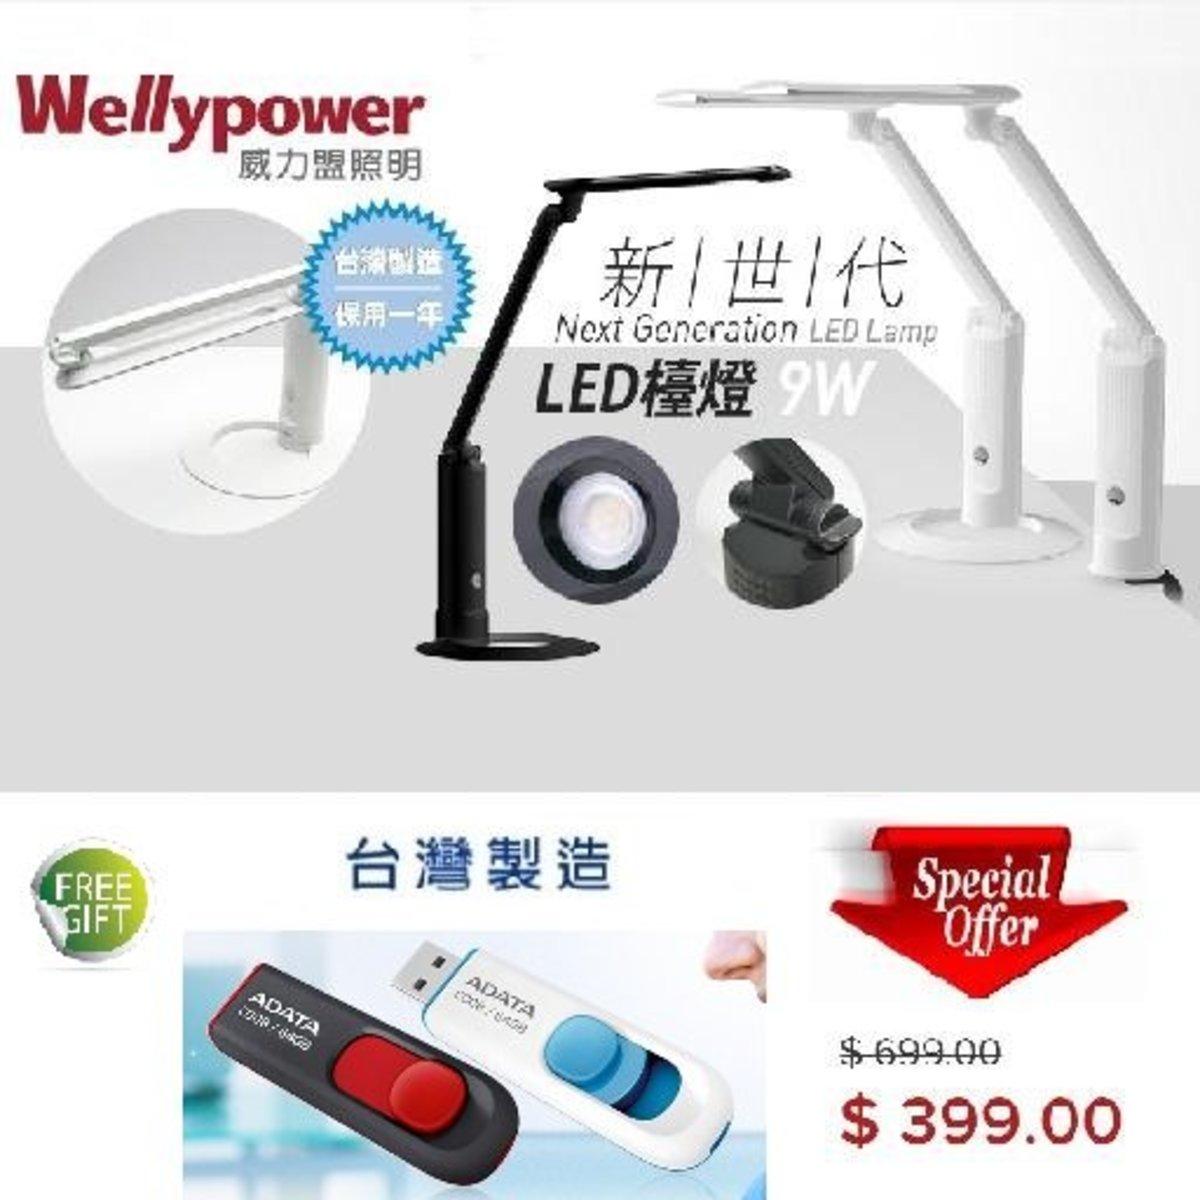 新世代 9W LED 黑色檯燈 冷白光 (贈送 ADATA USB 手指 16GB x 1個)